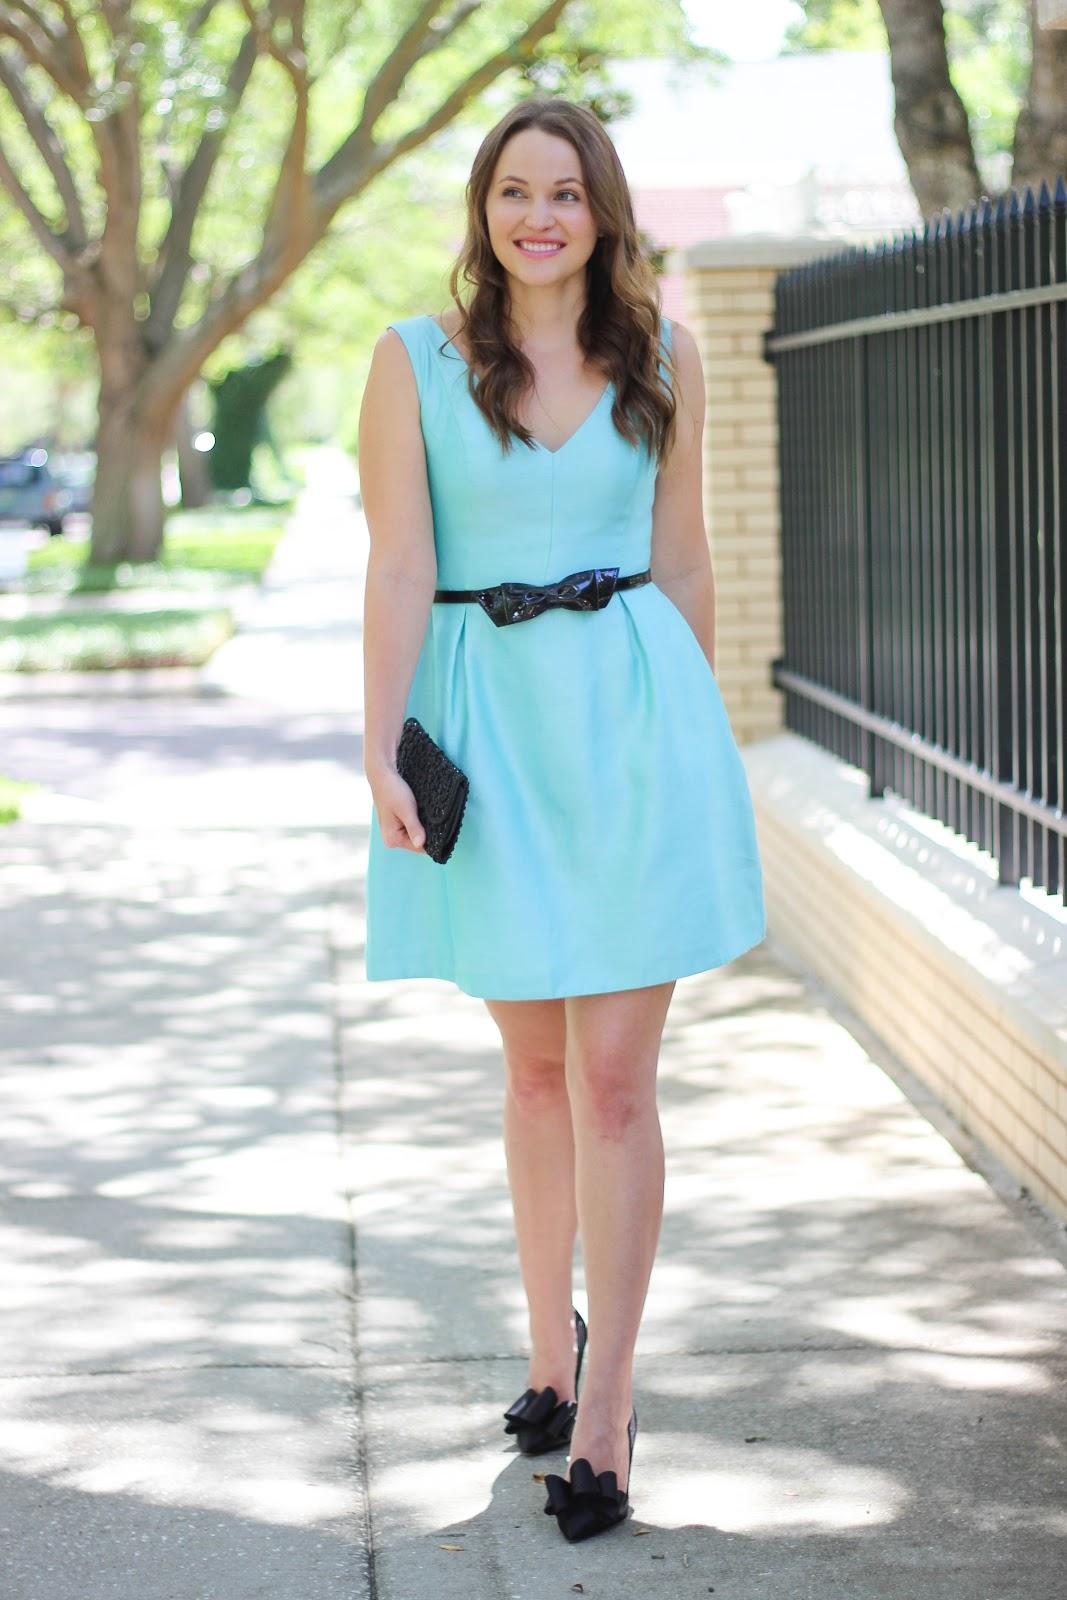 Kelly Elizabeth Style: Kate Spade Dress